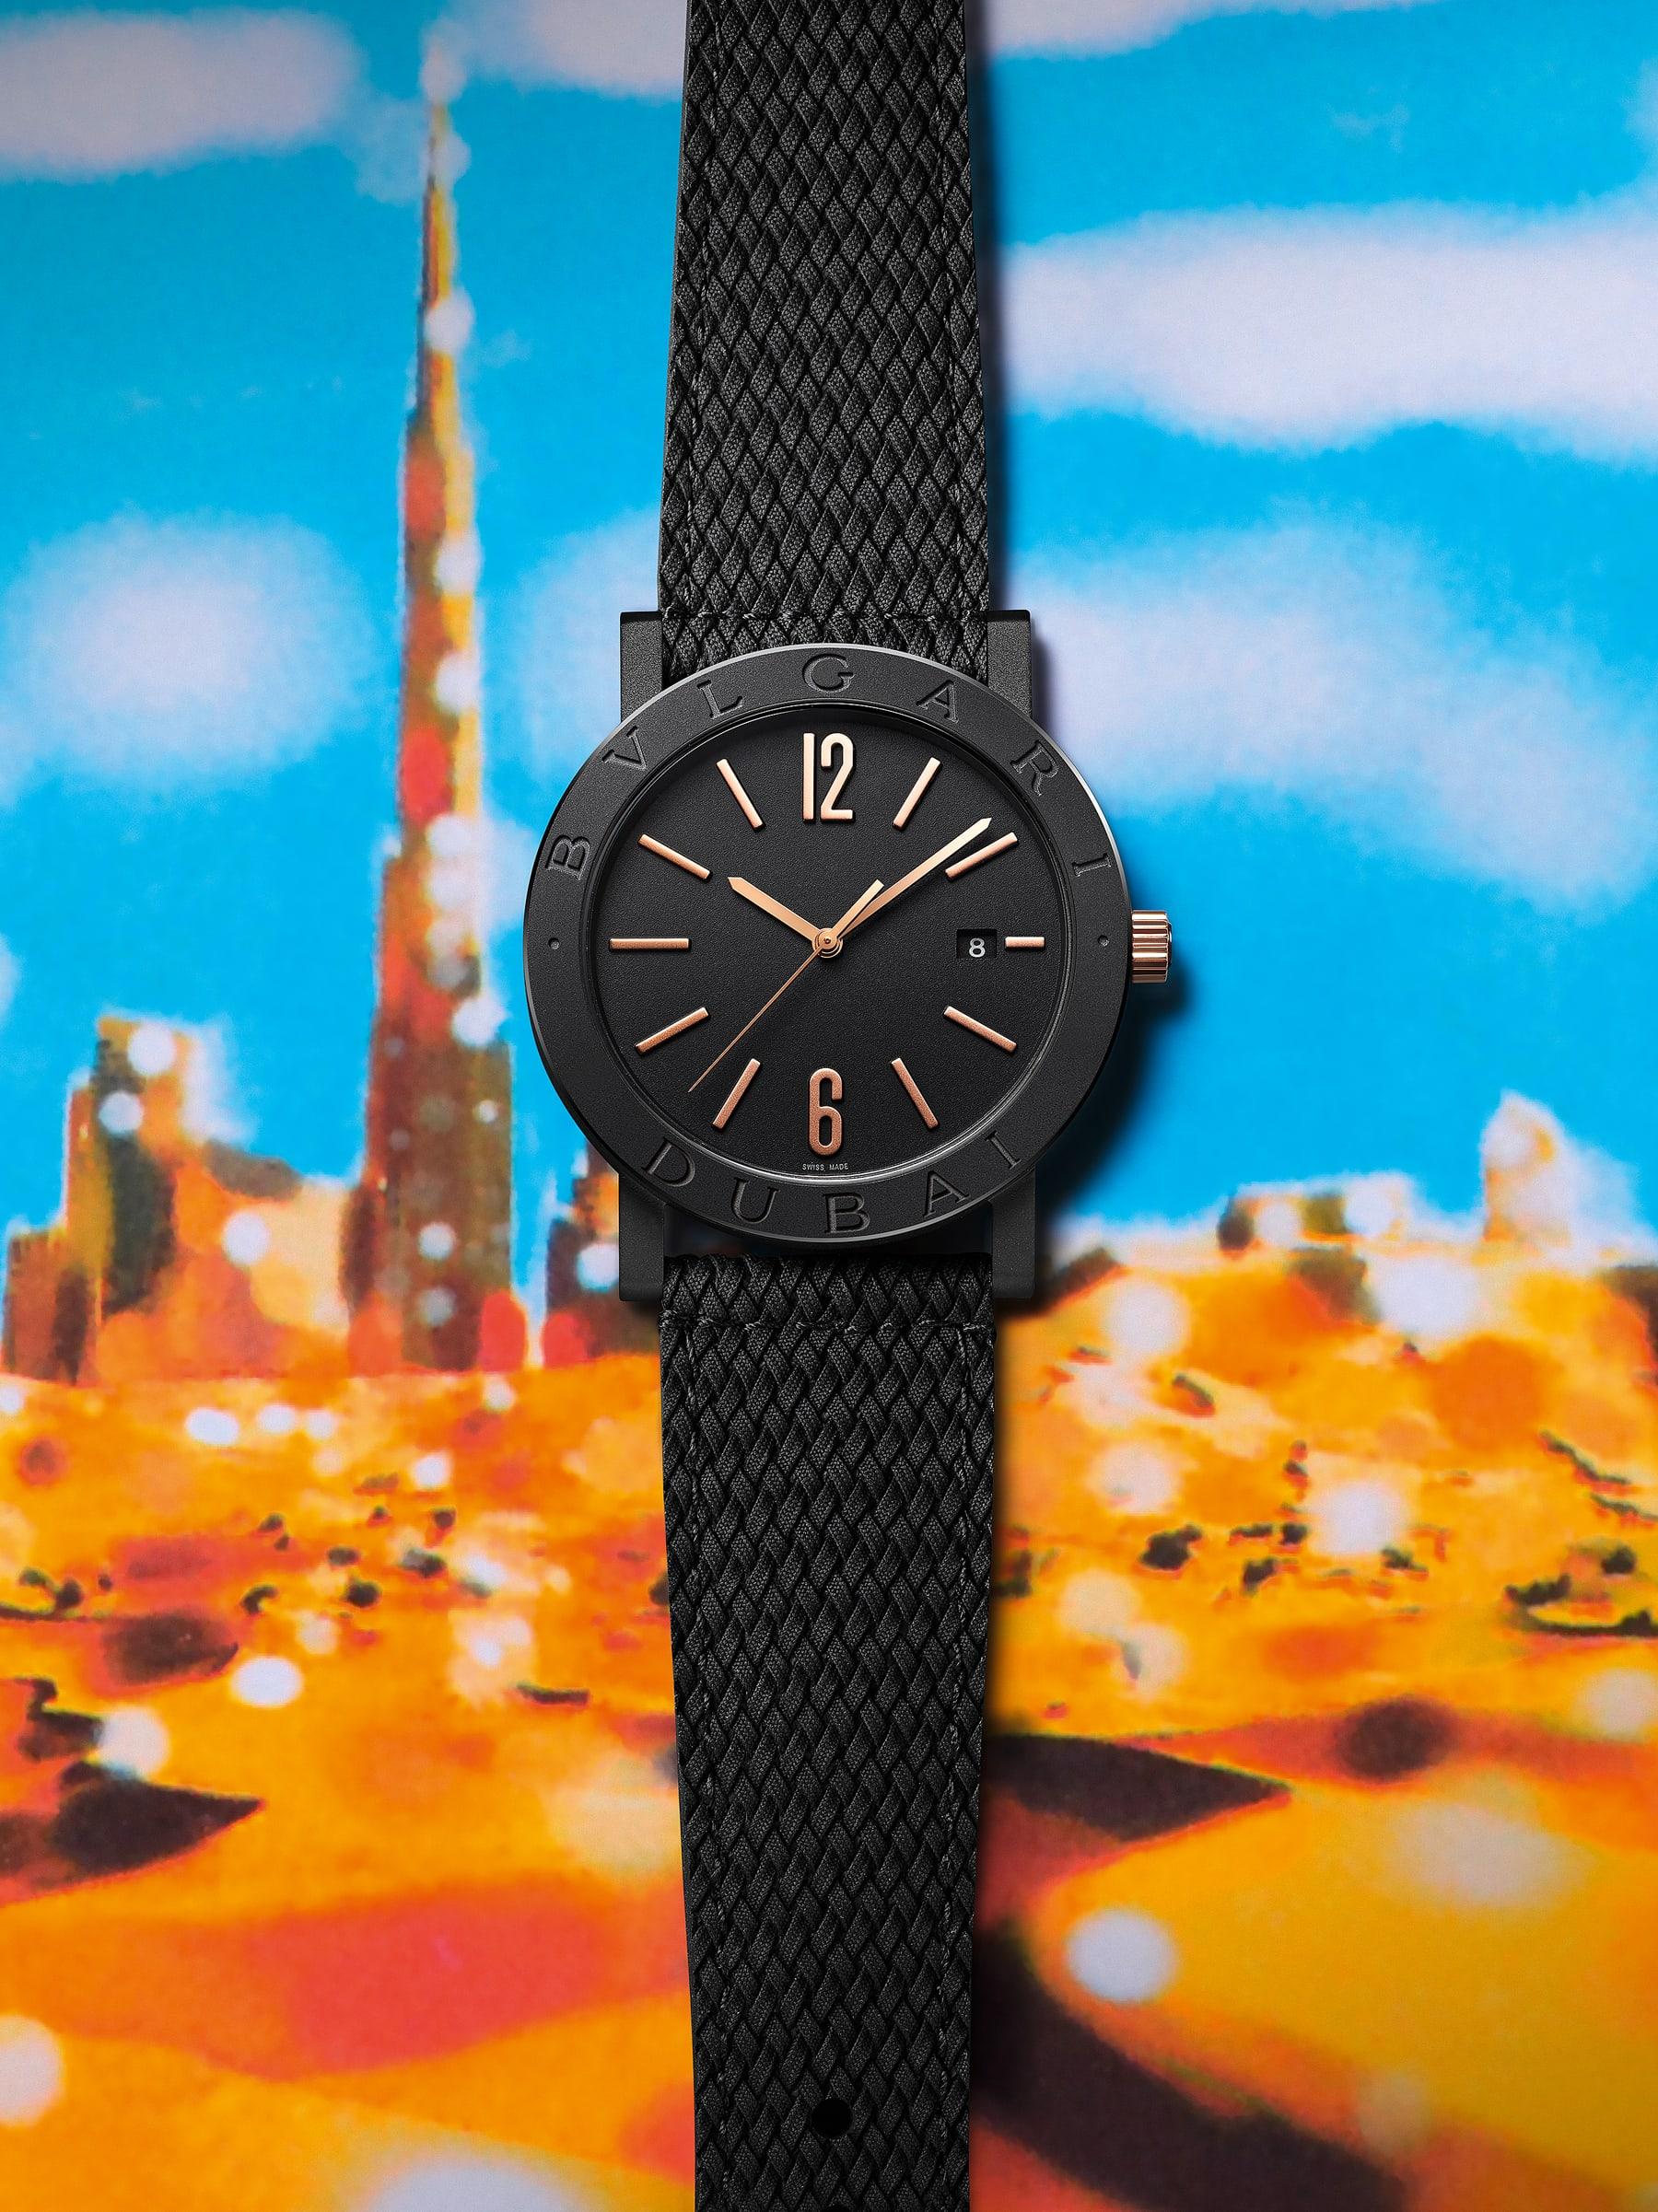 """ساعة """"بولغري بولغري سيتيز سبيشل إيديشن، DUBAI"""" بآلية حركة ميكانيكية مصنّعة من قبل بولغري، تعبئة أوتوماتيكية، آلية BVL 191.، علبة الساعة من الفولاذ المعالج بالكربون الأسود الشبيه بالألماس مع نقش """"BVLGARI DUBAI"""" على إطار الساعة، غطاء خلفي شفاف، ميناء مطلي بالمينا الأسود الخشن ومؤشرات الساعة من الذهب الوردي، سوار من جلد العجل البني، وسوار قابل للتبديل من المطاط الأسود. 103225 image 8"""